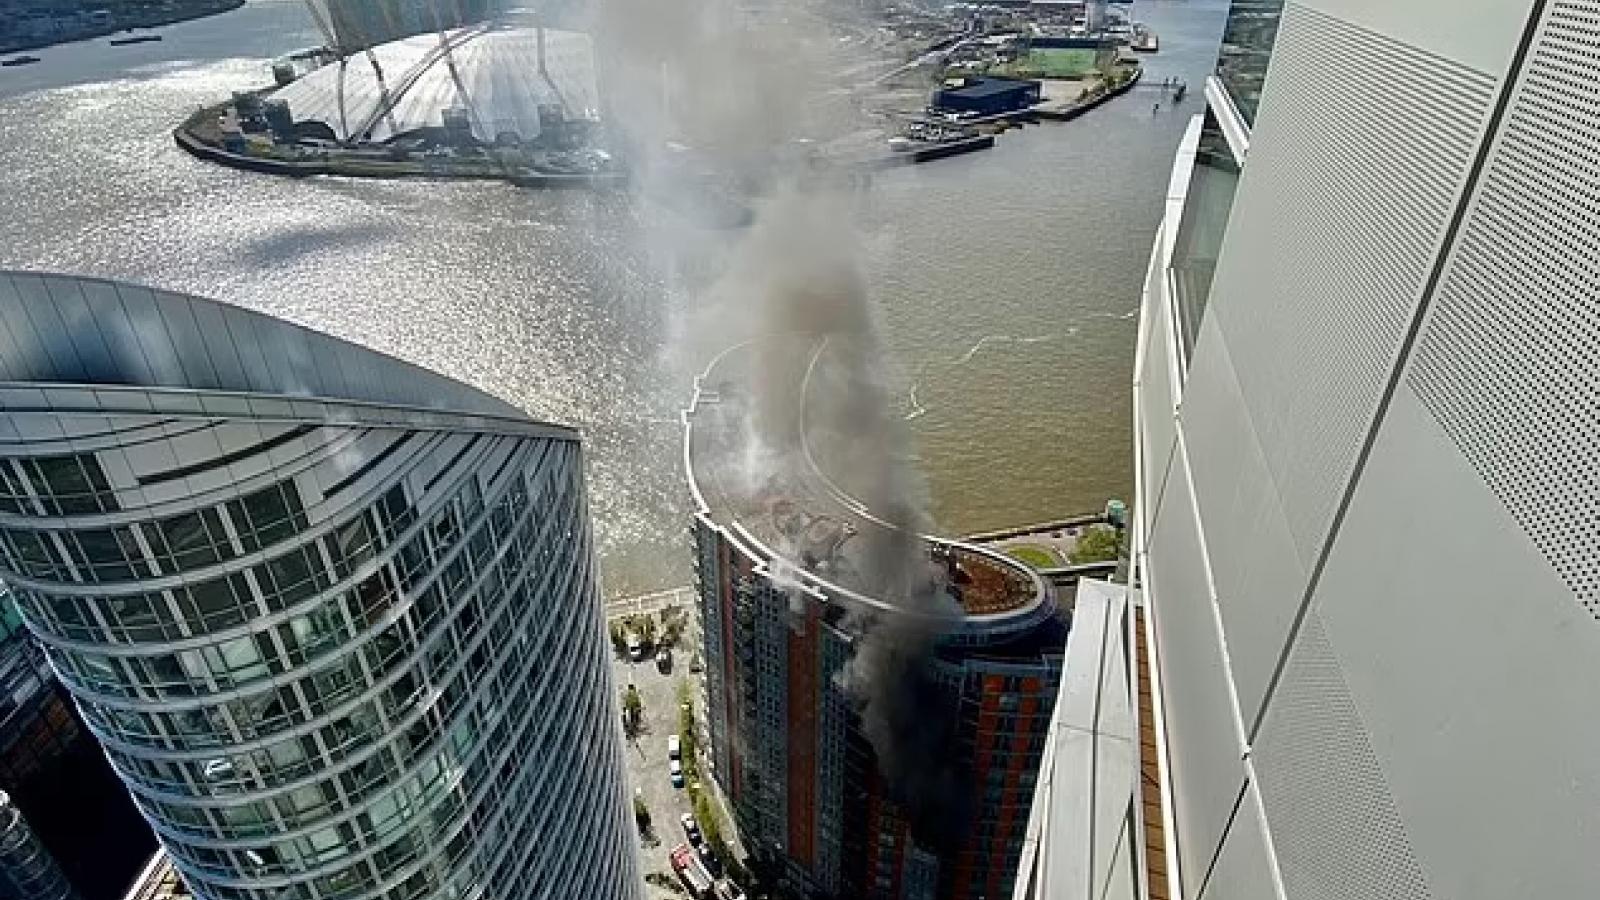 Cháy chung cư Tòa tháp London, 20 xe xứu hỏa đến hiện trường